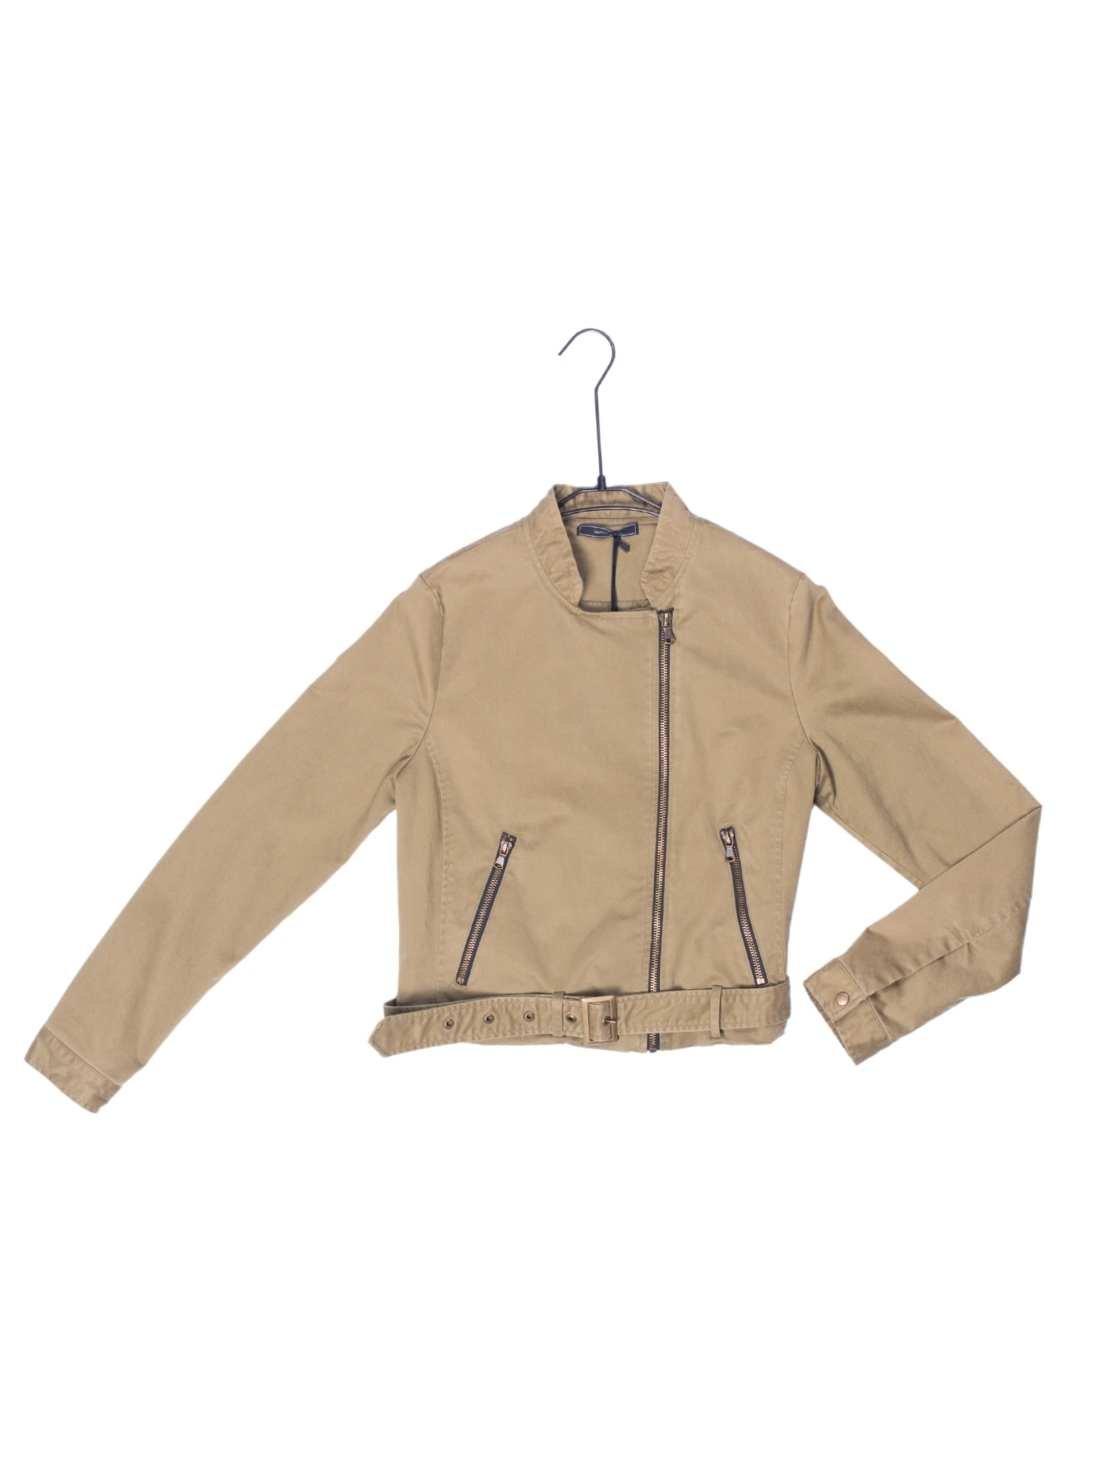 Ladies Cotton Garment Washing Jacket